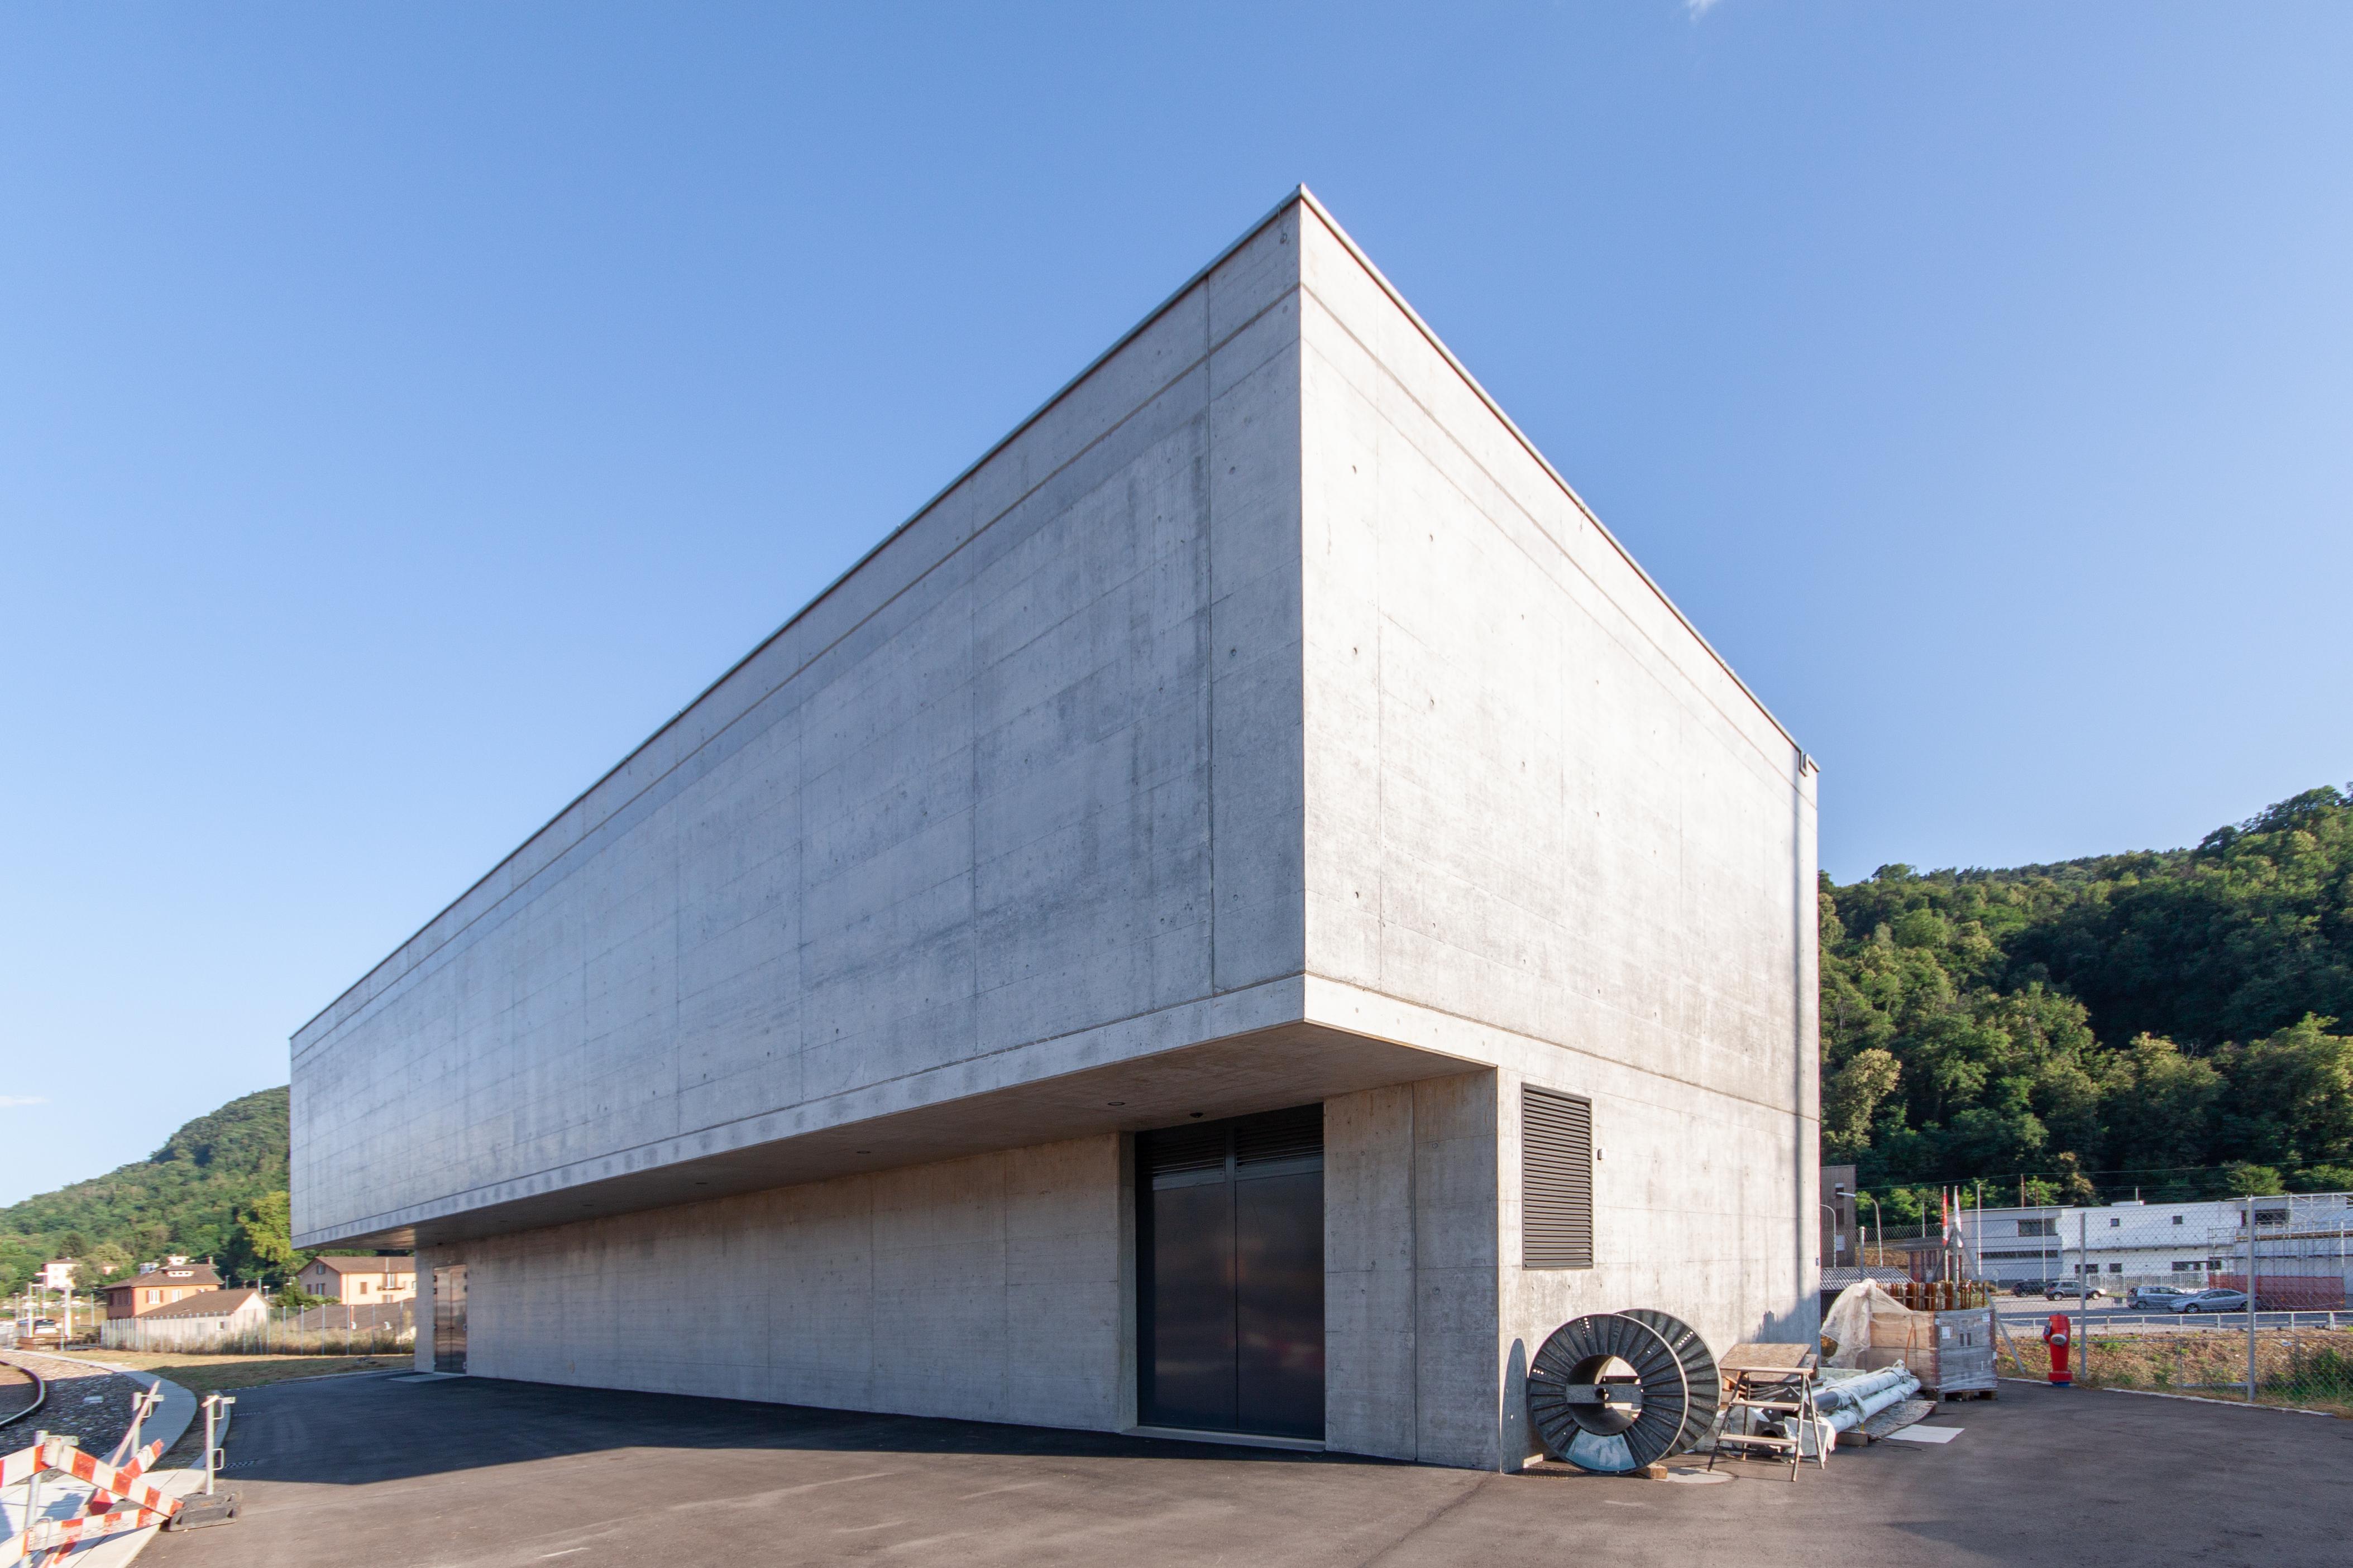 Bahntechnikgebäude 6830 Chiasso-0876